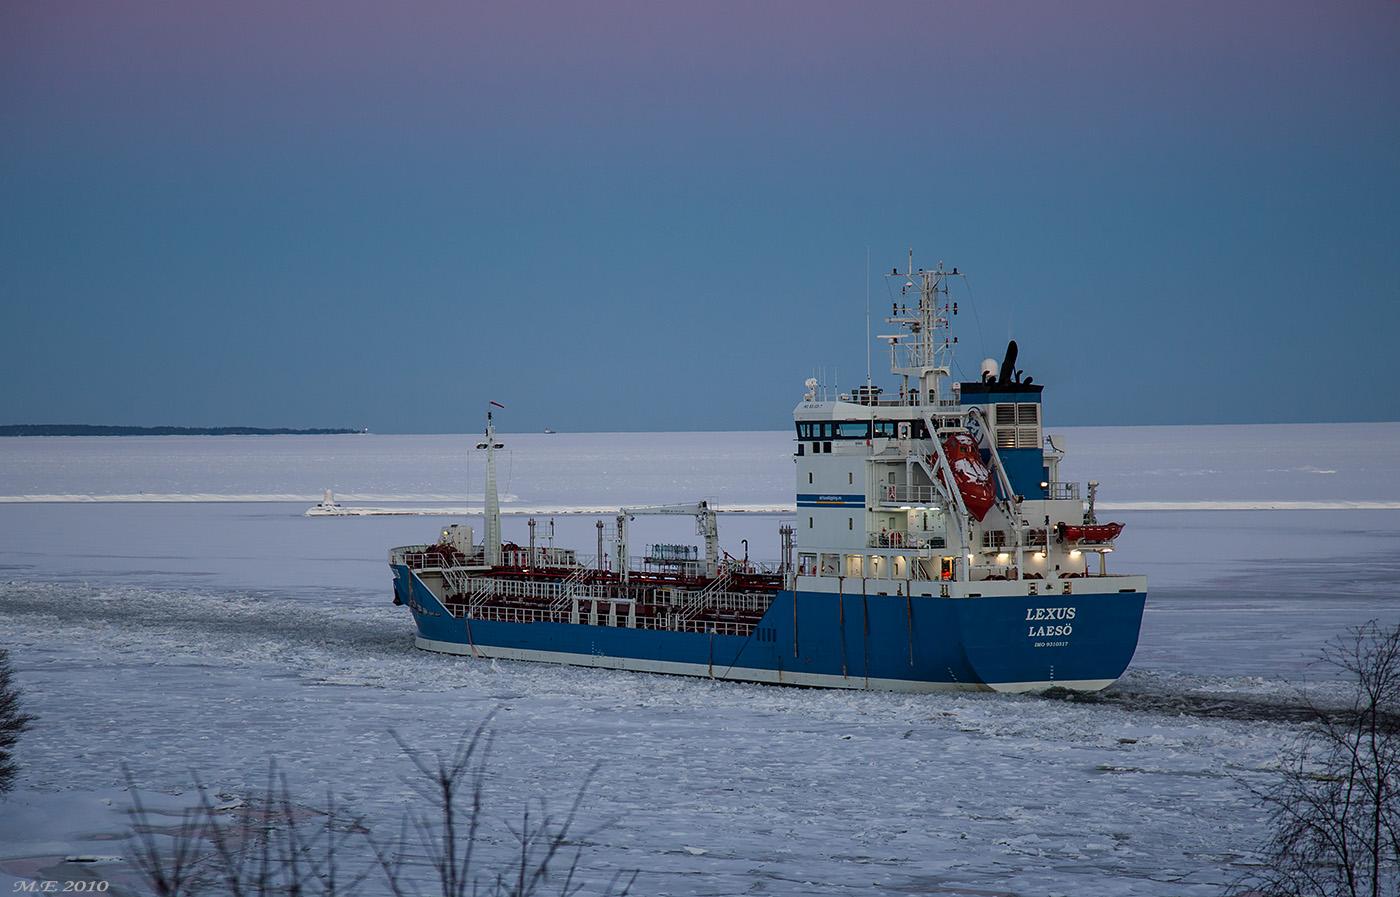 M/T LEXUS på uppgång den 12 december 2010. Tankfartyg på Vänern var på utdöende redan 2010, och idag 2018 närmast något unikt.